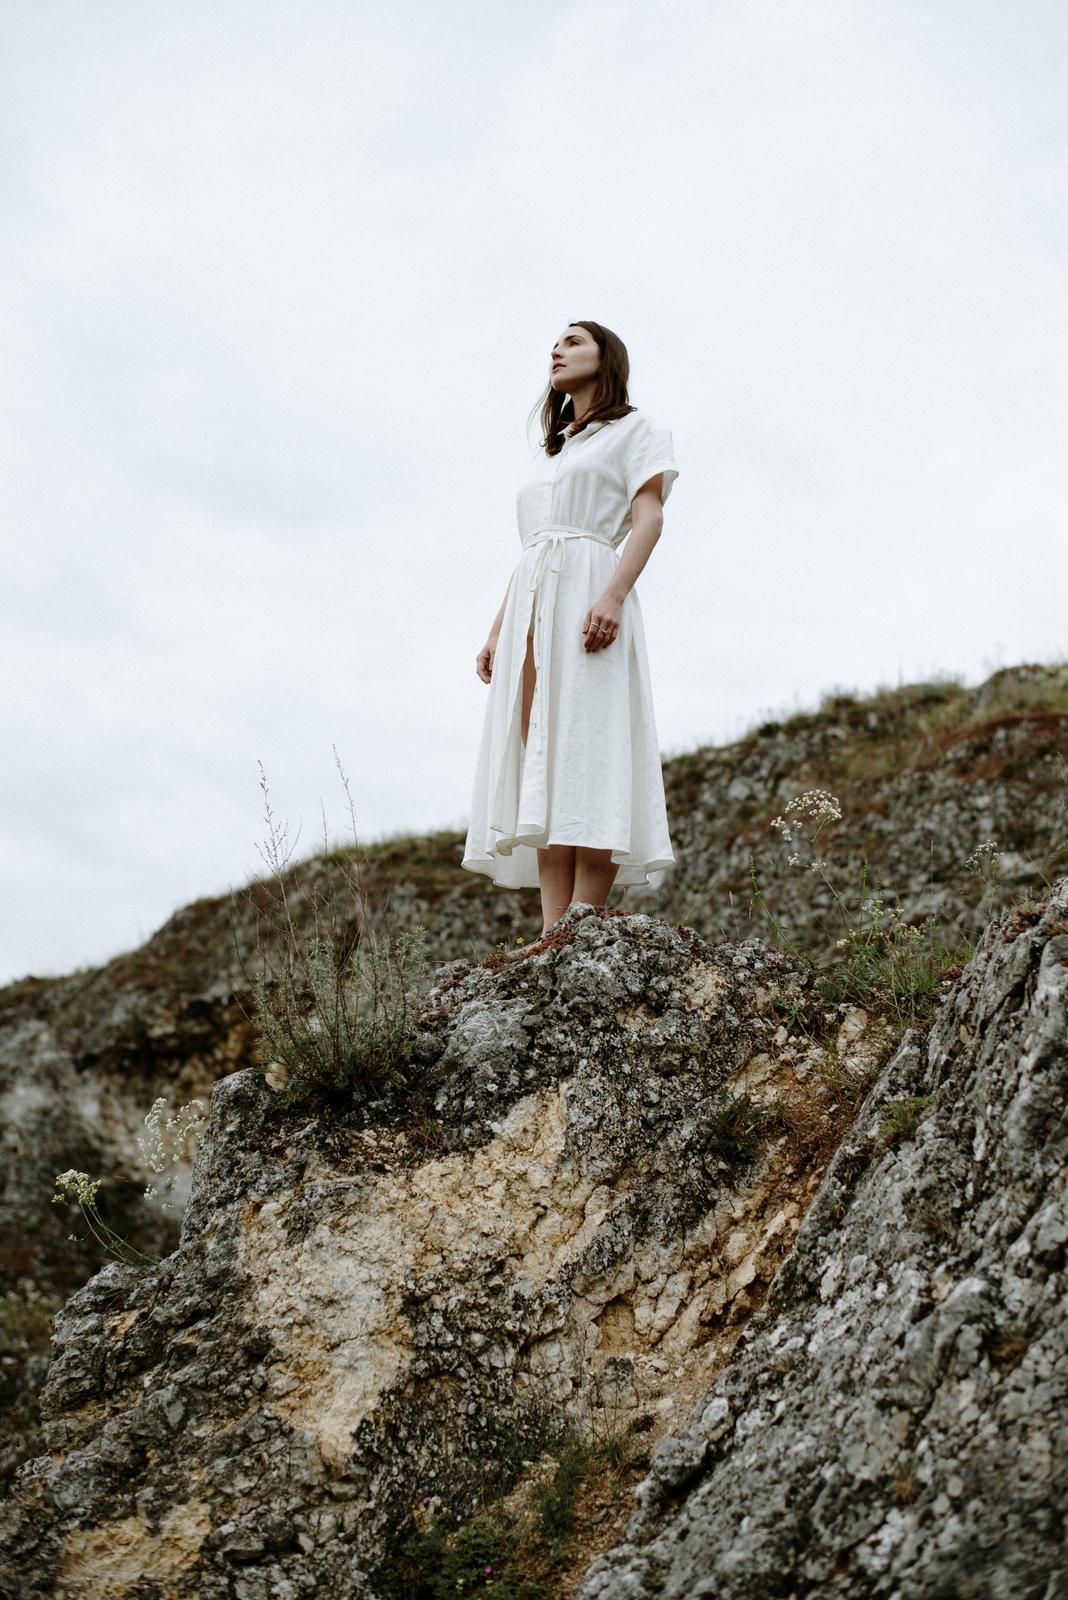 Svatební šaty nemusí být šaty ani svatební - Marie Mukařovská dress